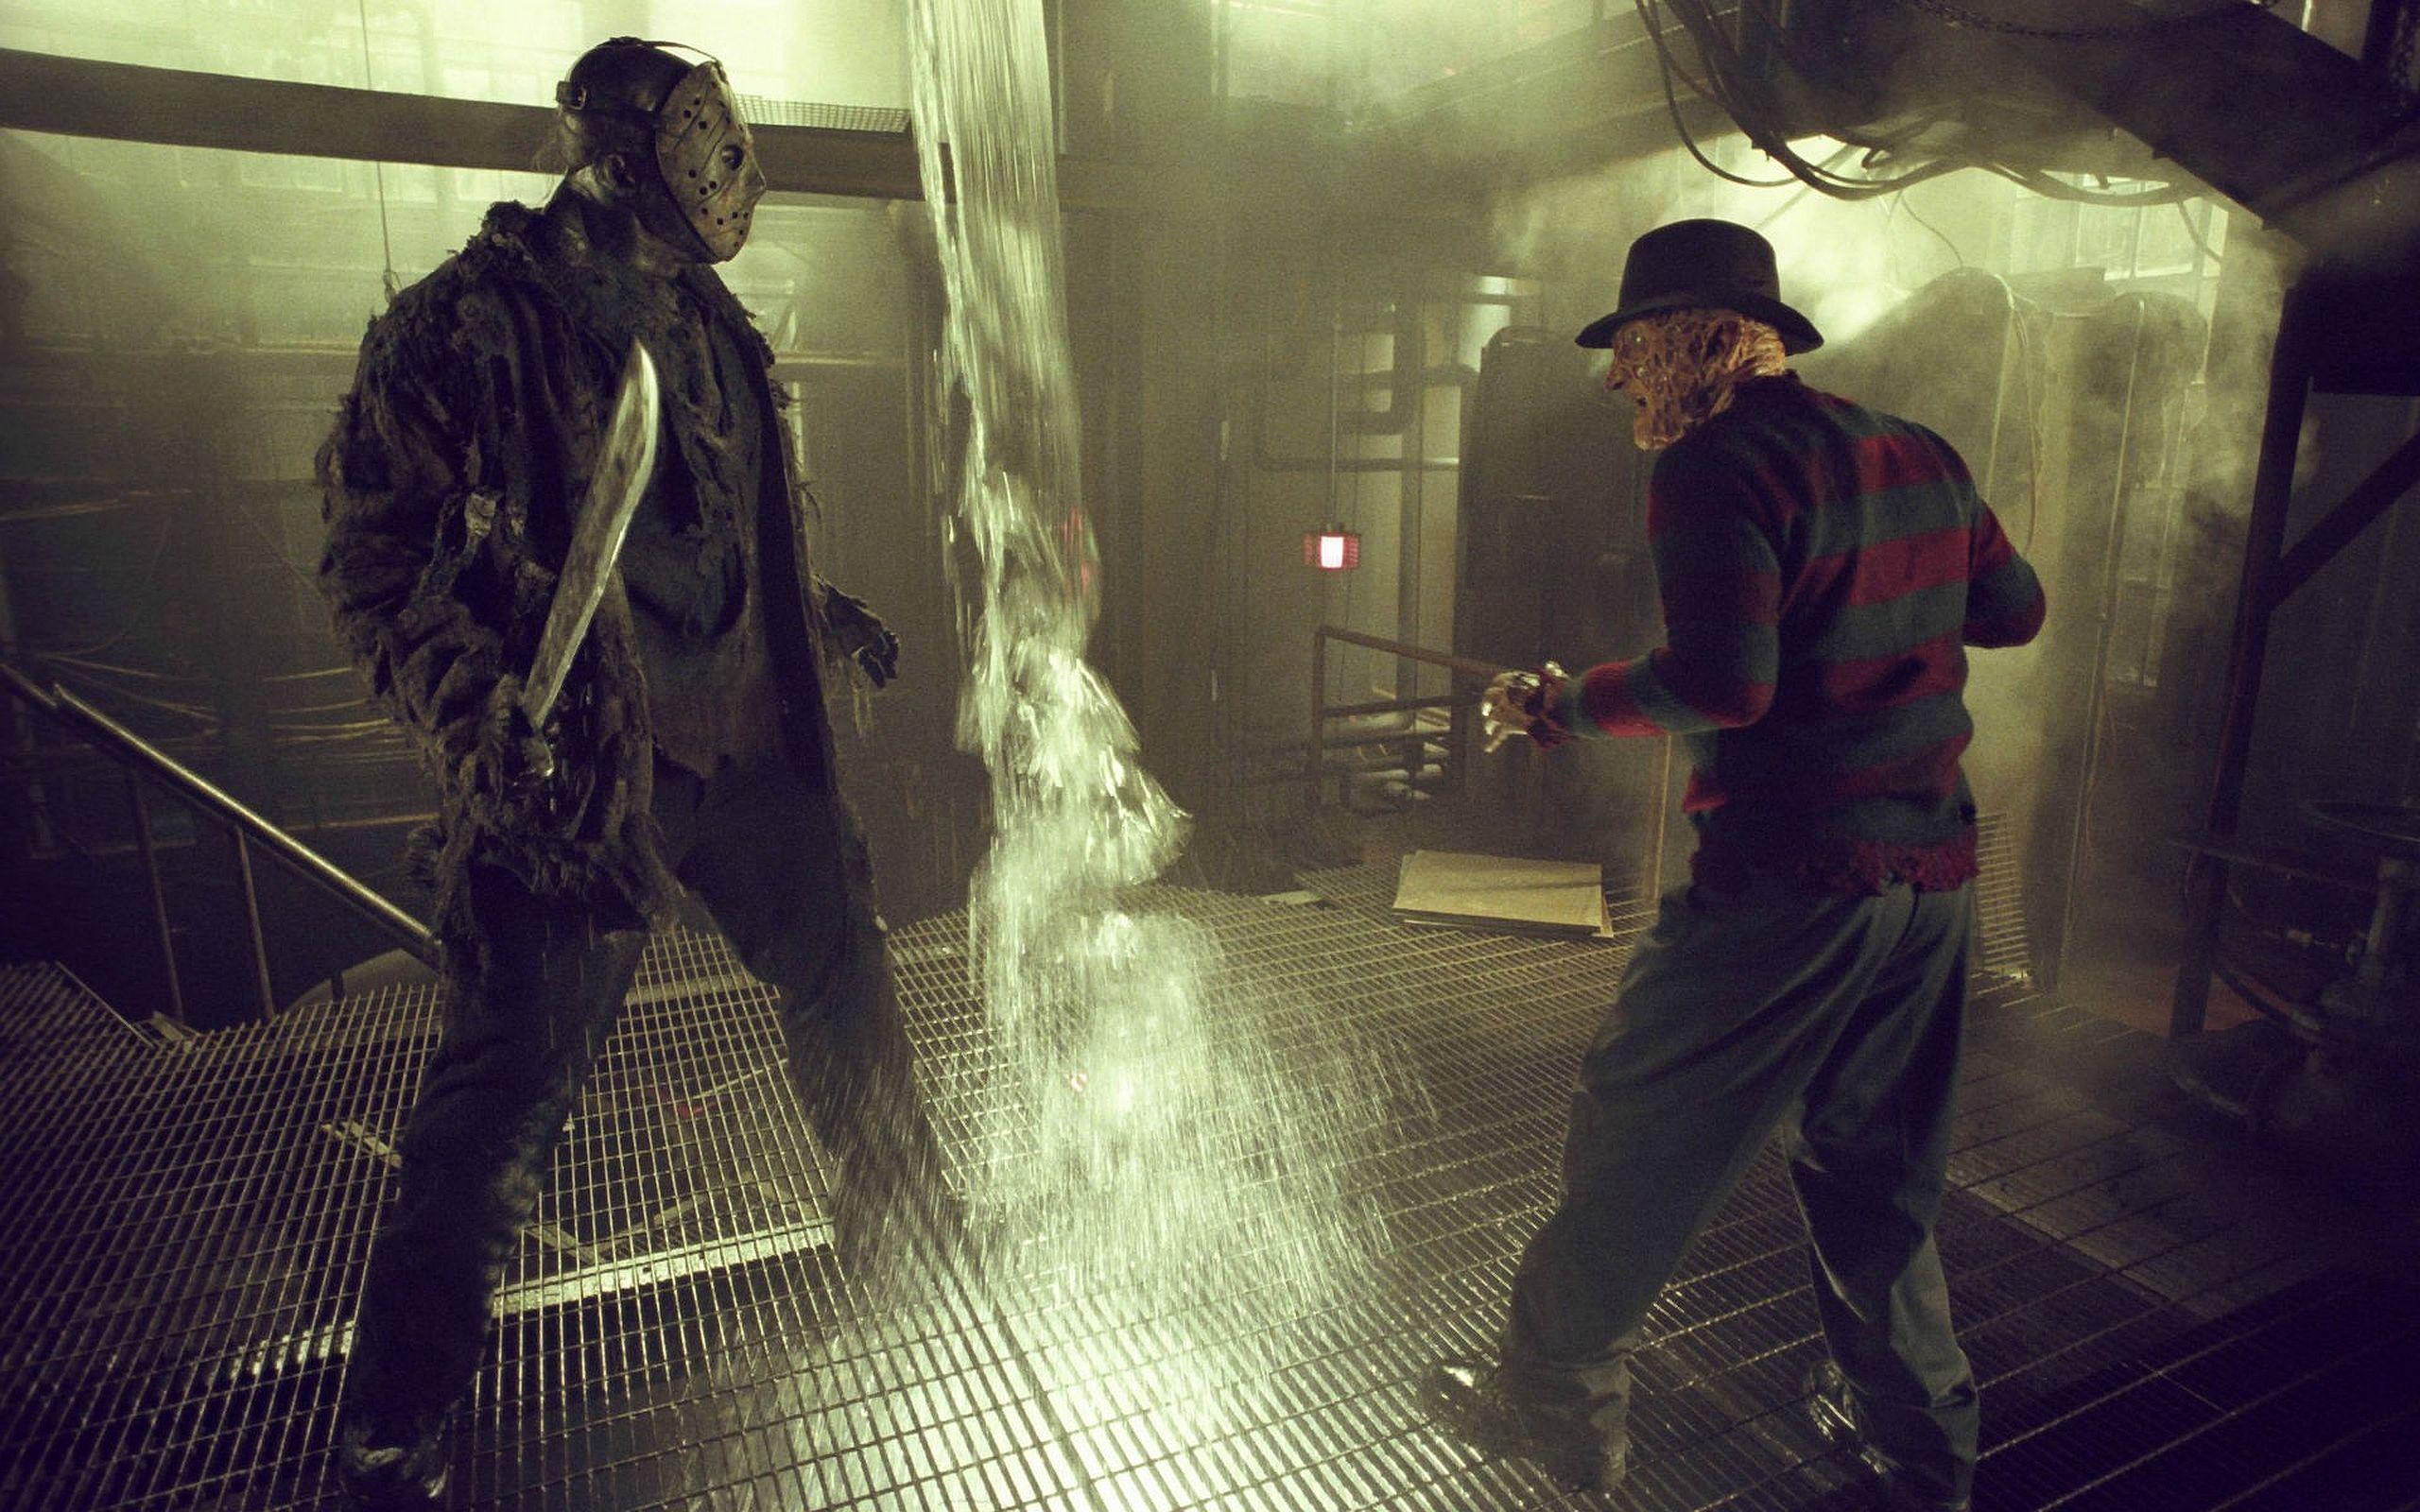 Freddy Vs Jason ¿Quién ganaría en realidad?